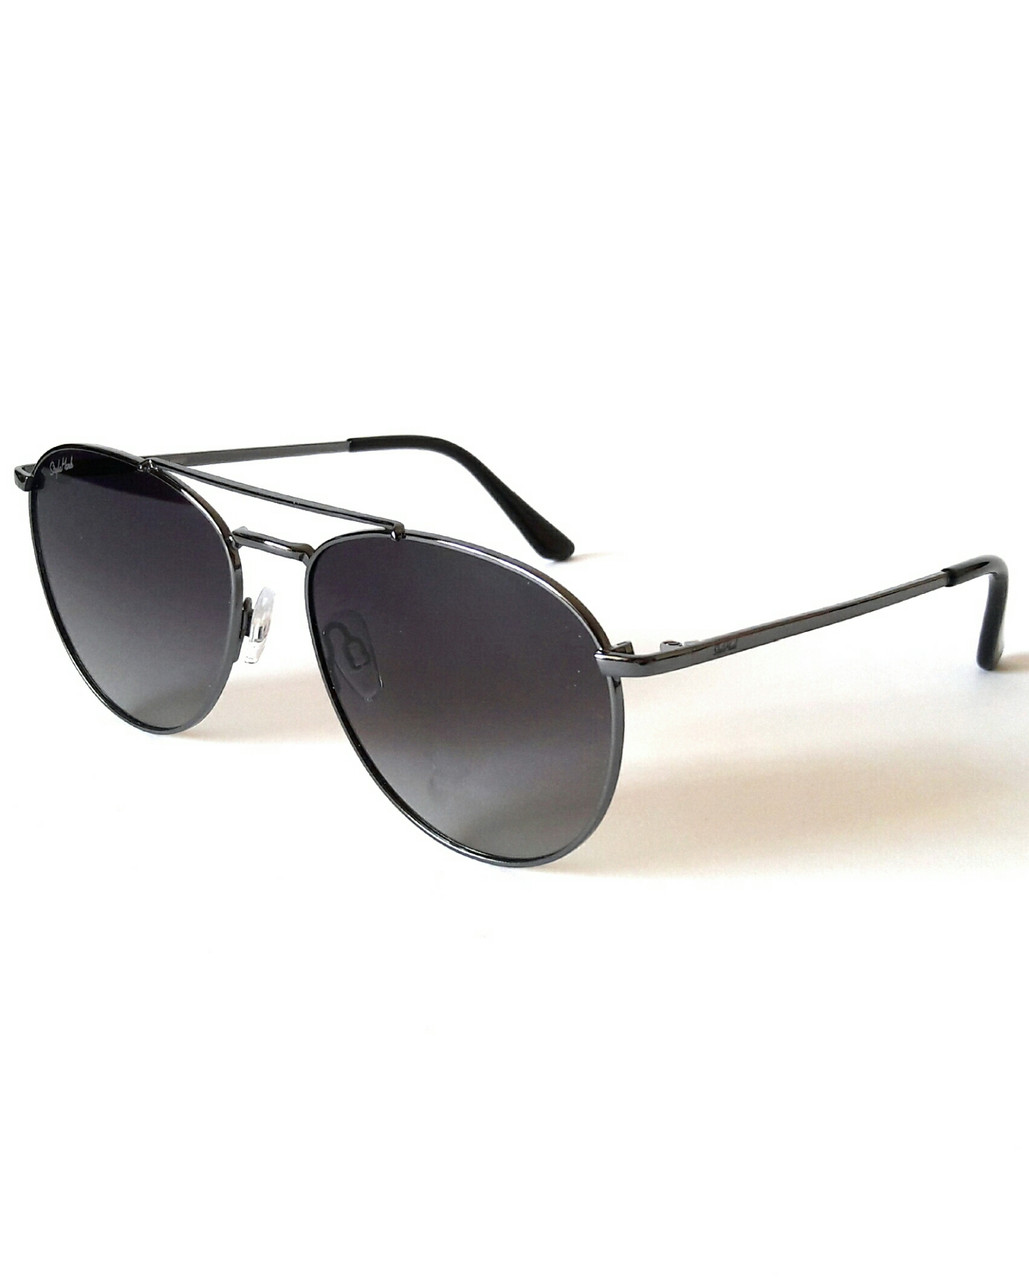 Солнцезащитные высокого качества очки типа Авиатор, с поляризацией, унисекс, StyleMark